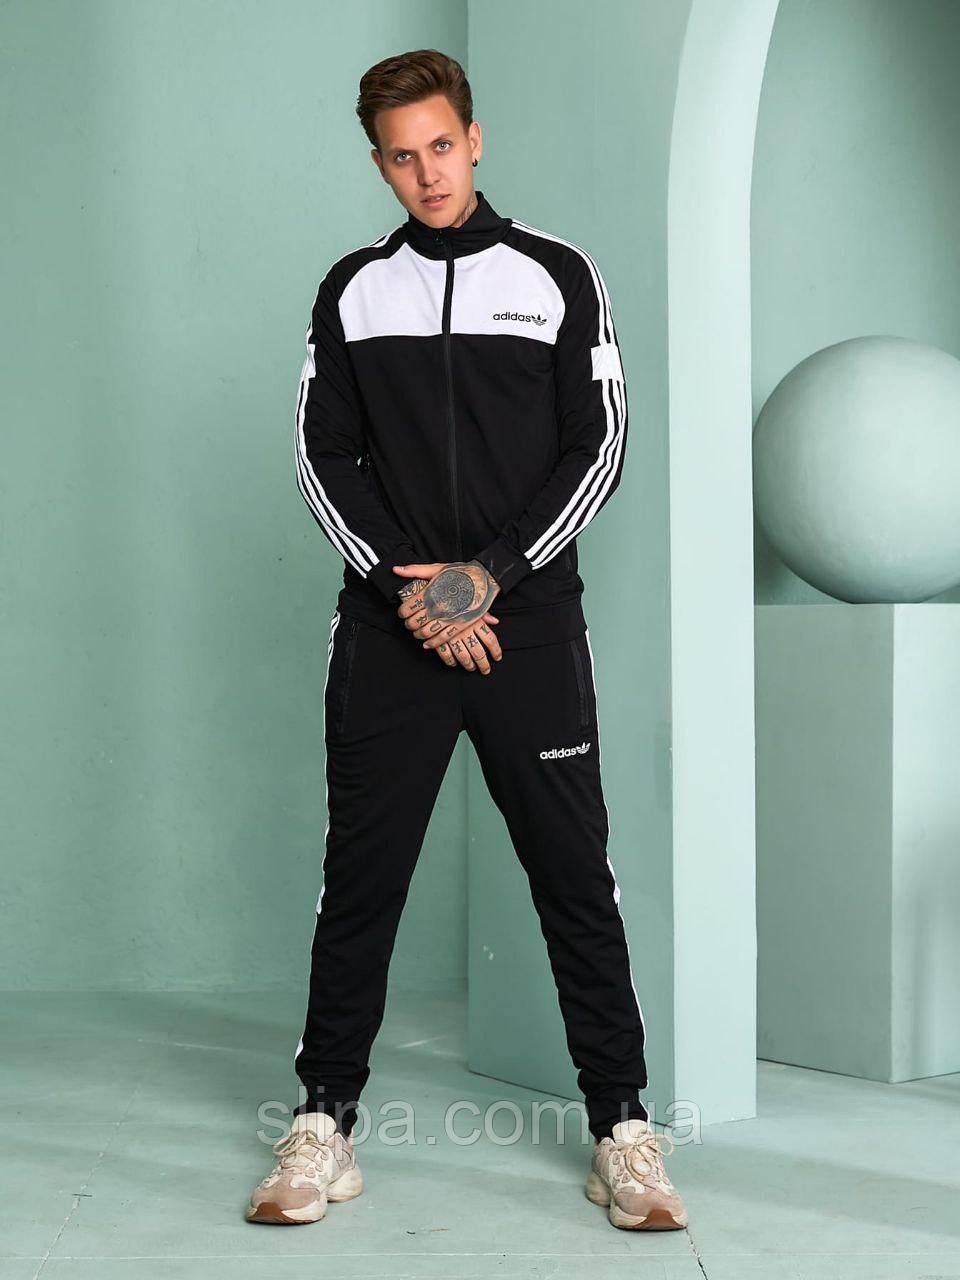 Чоловічий спортивний костюм Adidas без капюшона, чорний з білим